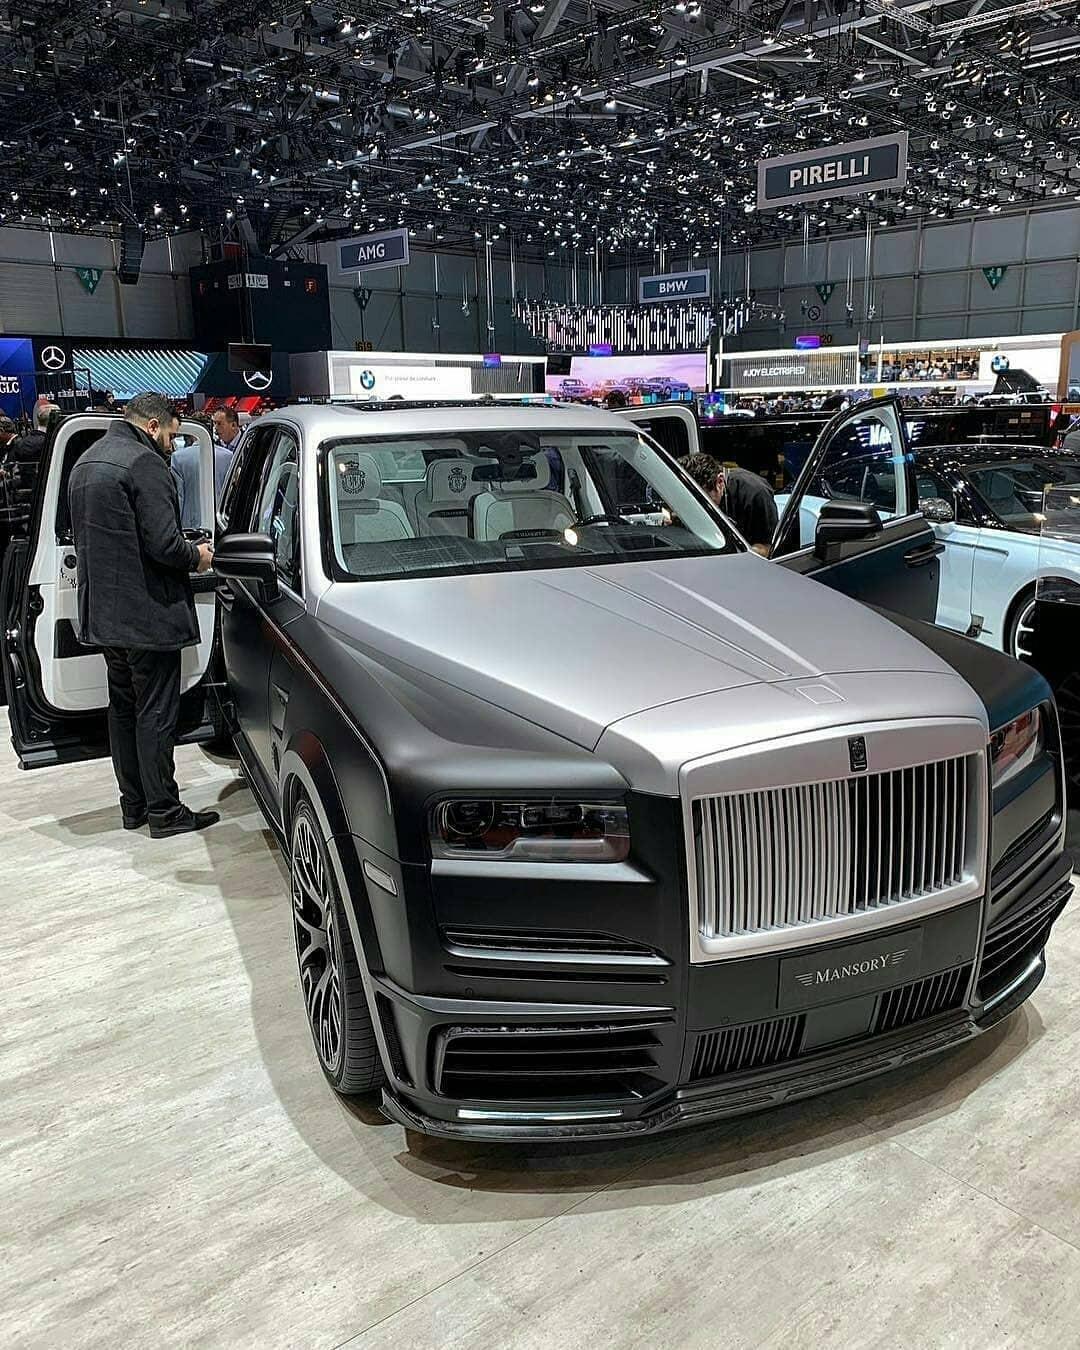 Phiên bản tỷ phú của chiếc SUV siêu sang Rolls-Royce Cullinan do Mansory tạo ra có giá lên đến 887.000 đô la